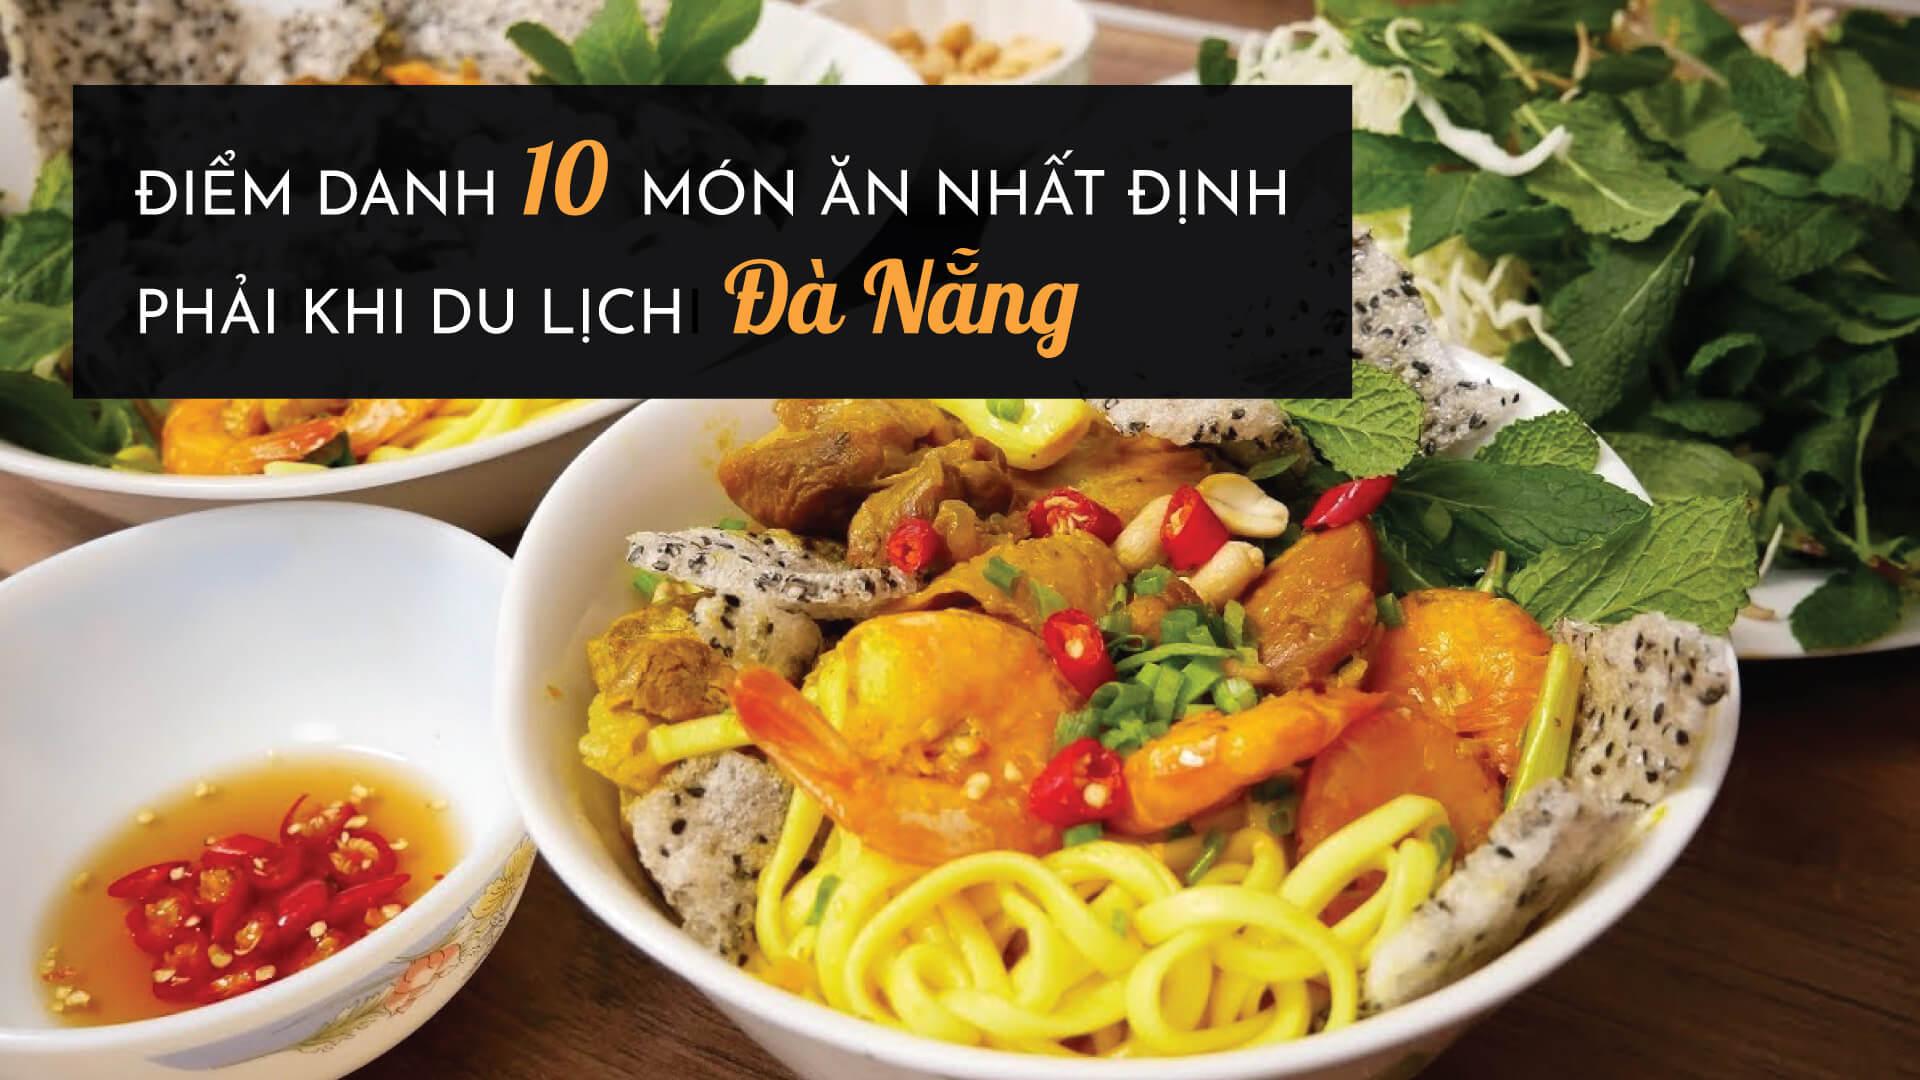 Điểm danh 10 món ăn nhất định phải thử khi du lịch Đà Nẵng